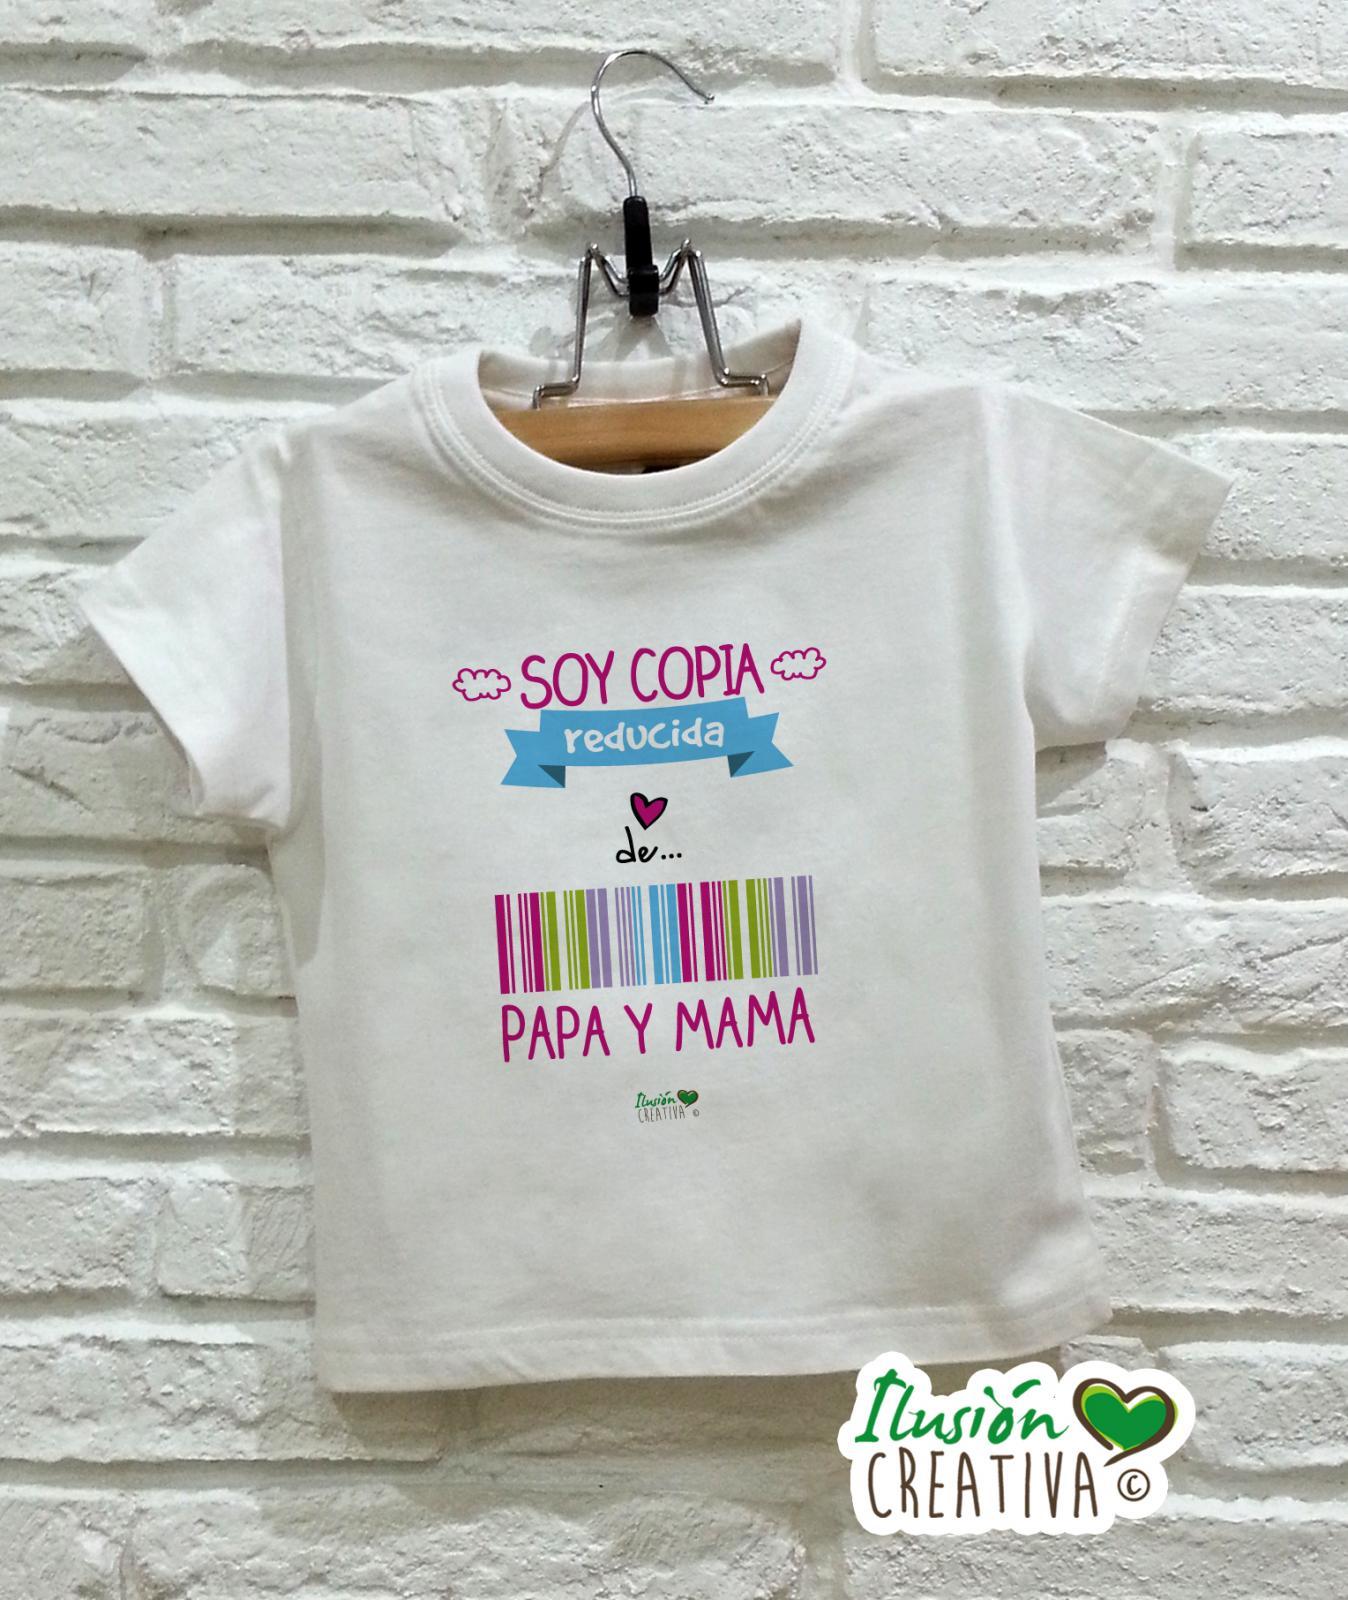 Camiseta niña - Copia reducida